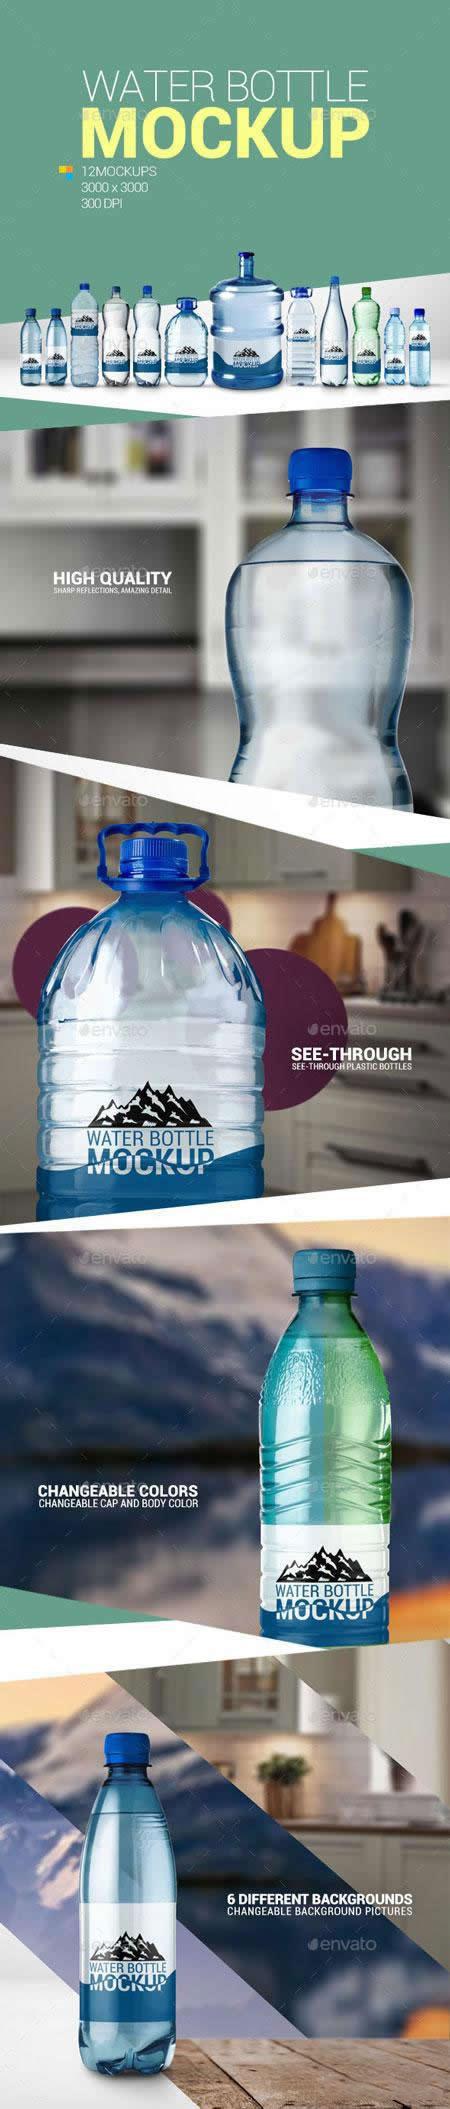 瓶装水水瓶样机